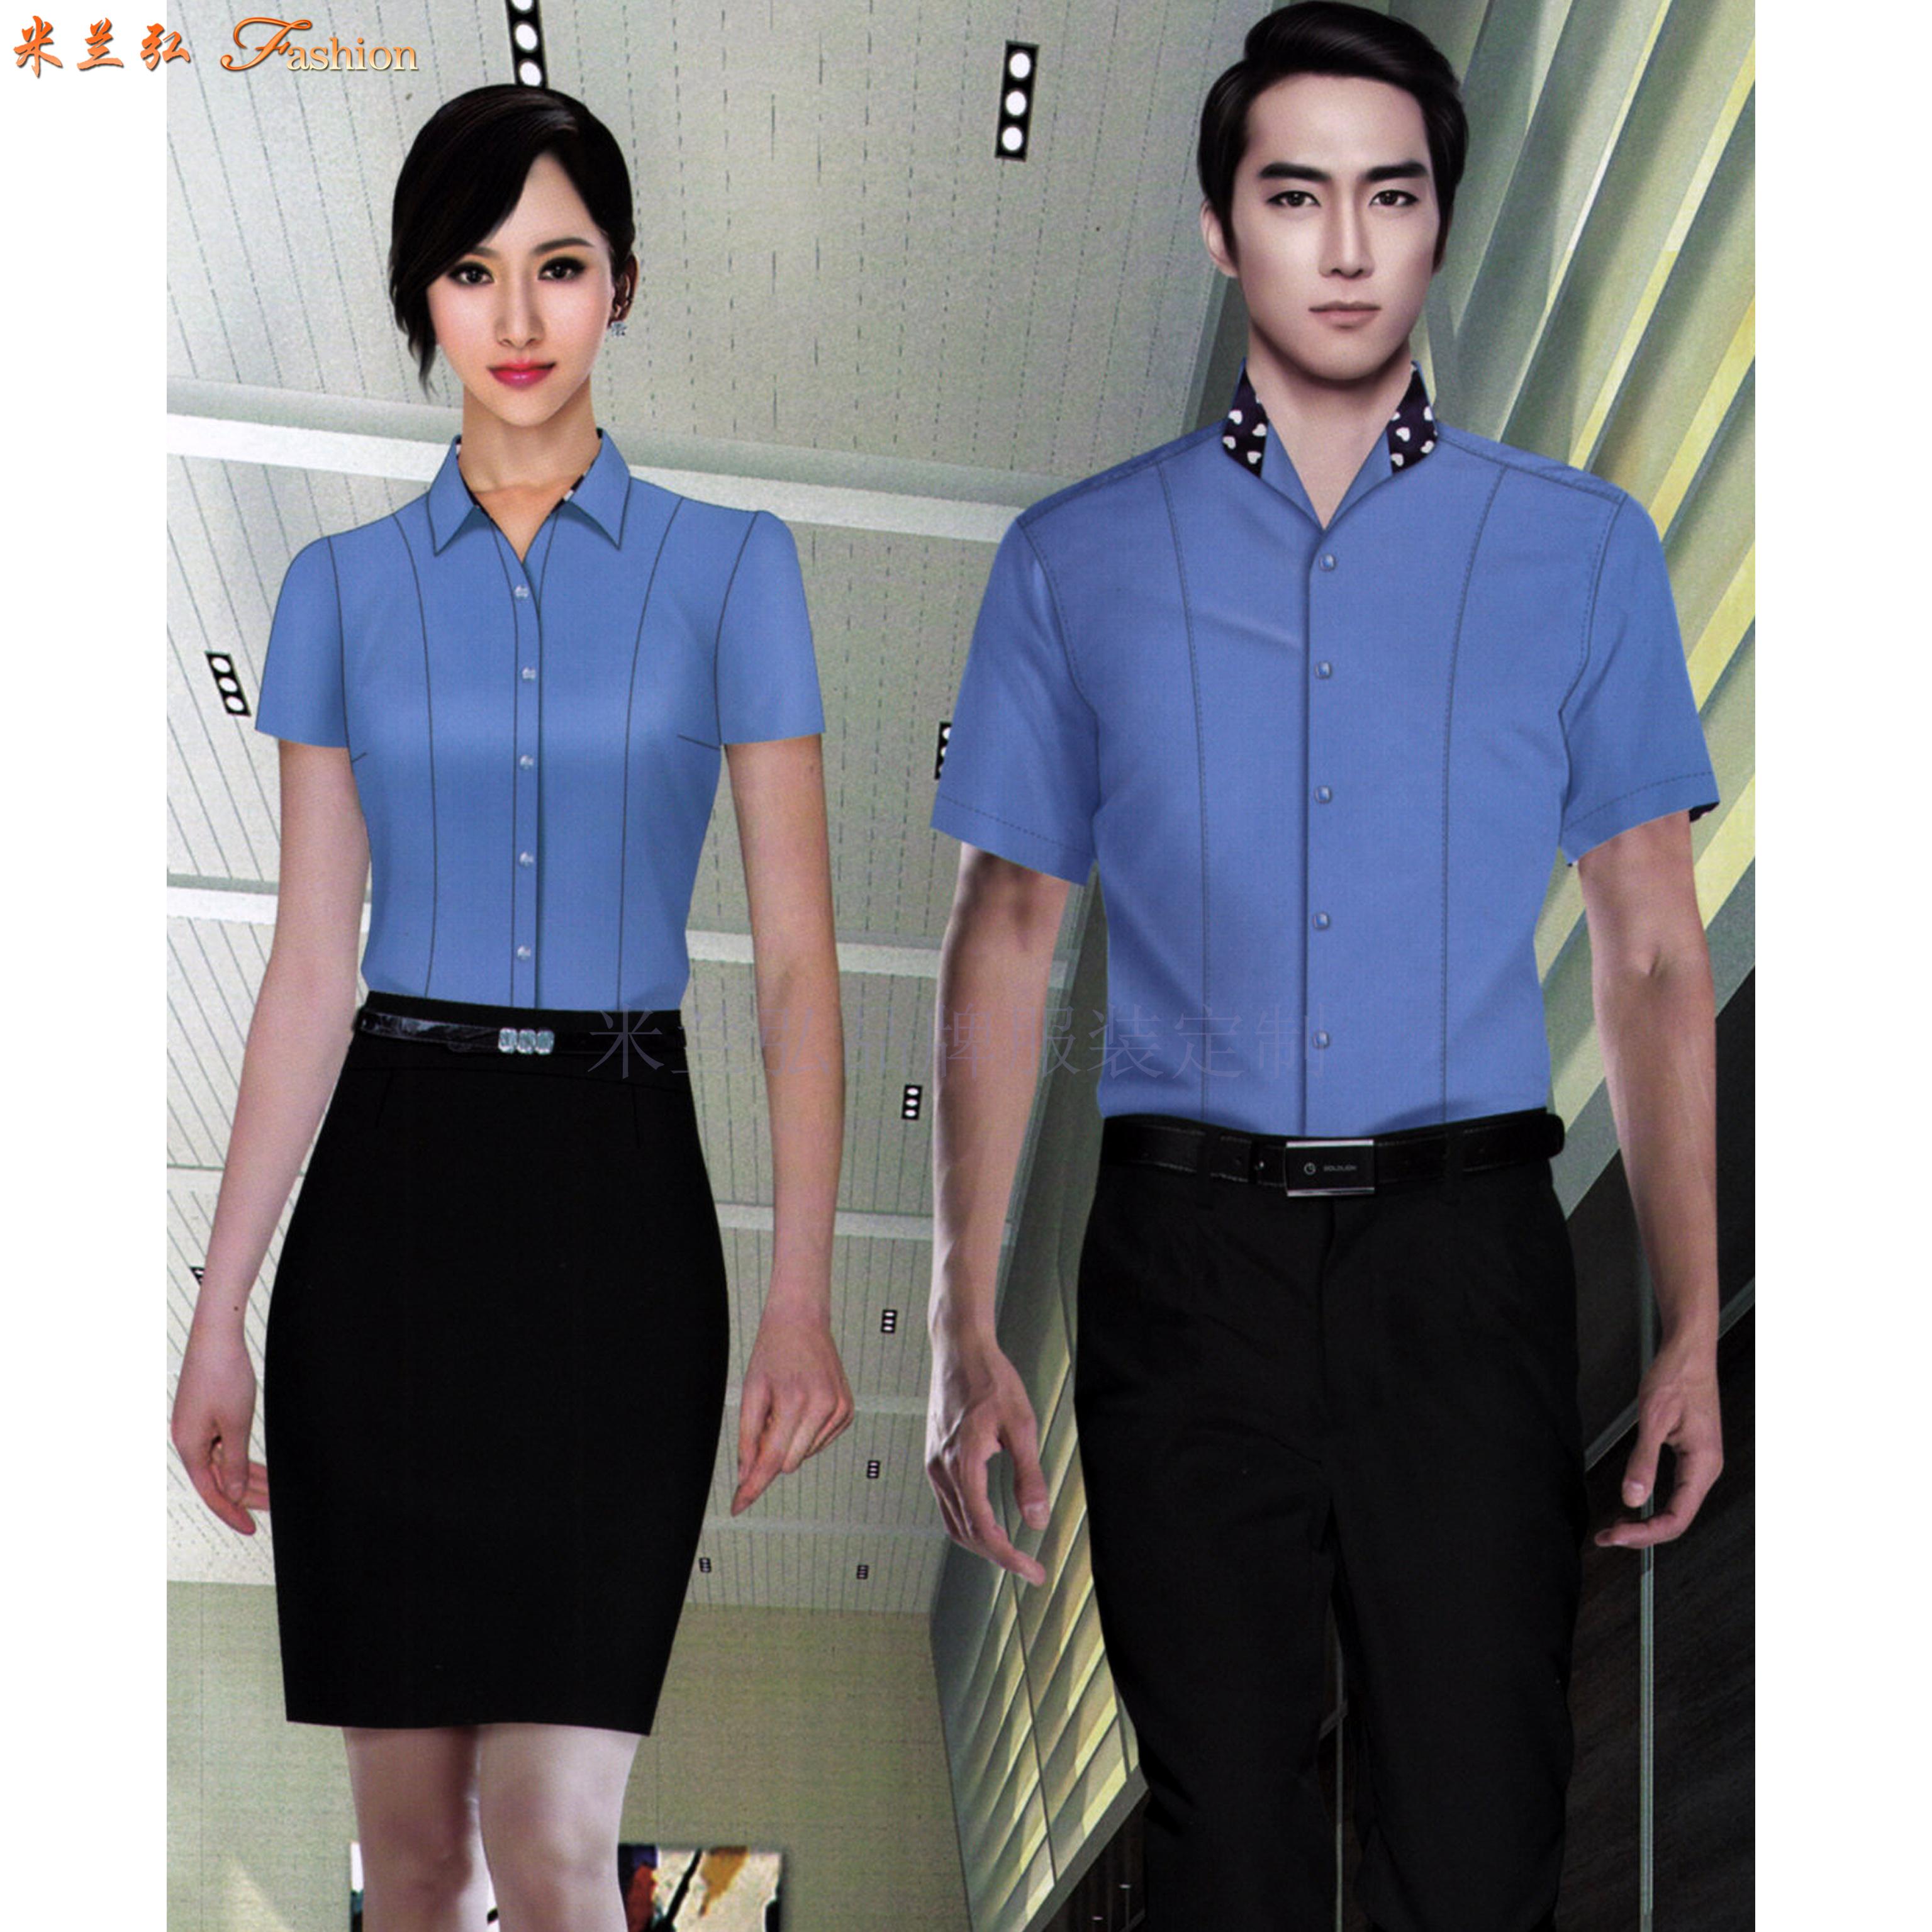 江西定制襯衫-定做免燙襯衫品牌-米蘭弘服裝-4